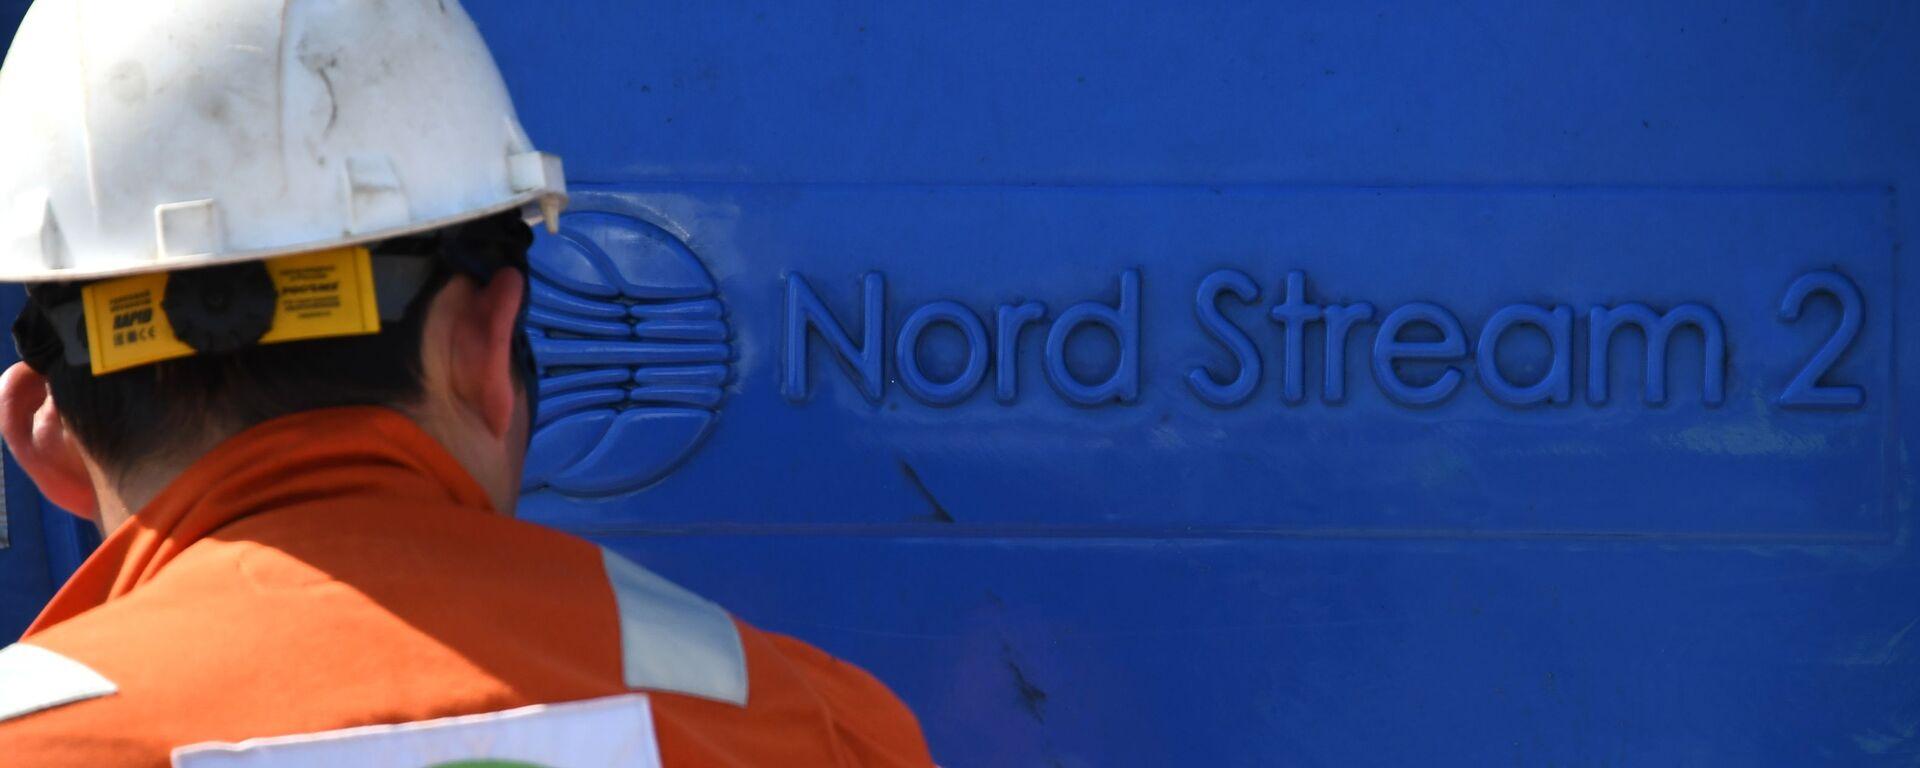 Un empleado invoclucrado en la construcción del gasoducto Nord Stream 2 - Sputnik Mundo, 1920, 08.10.2021